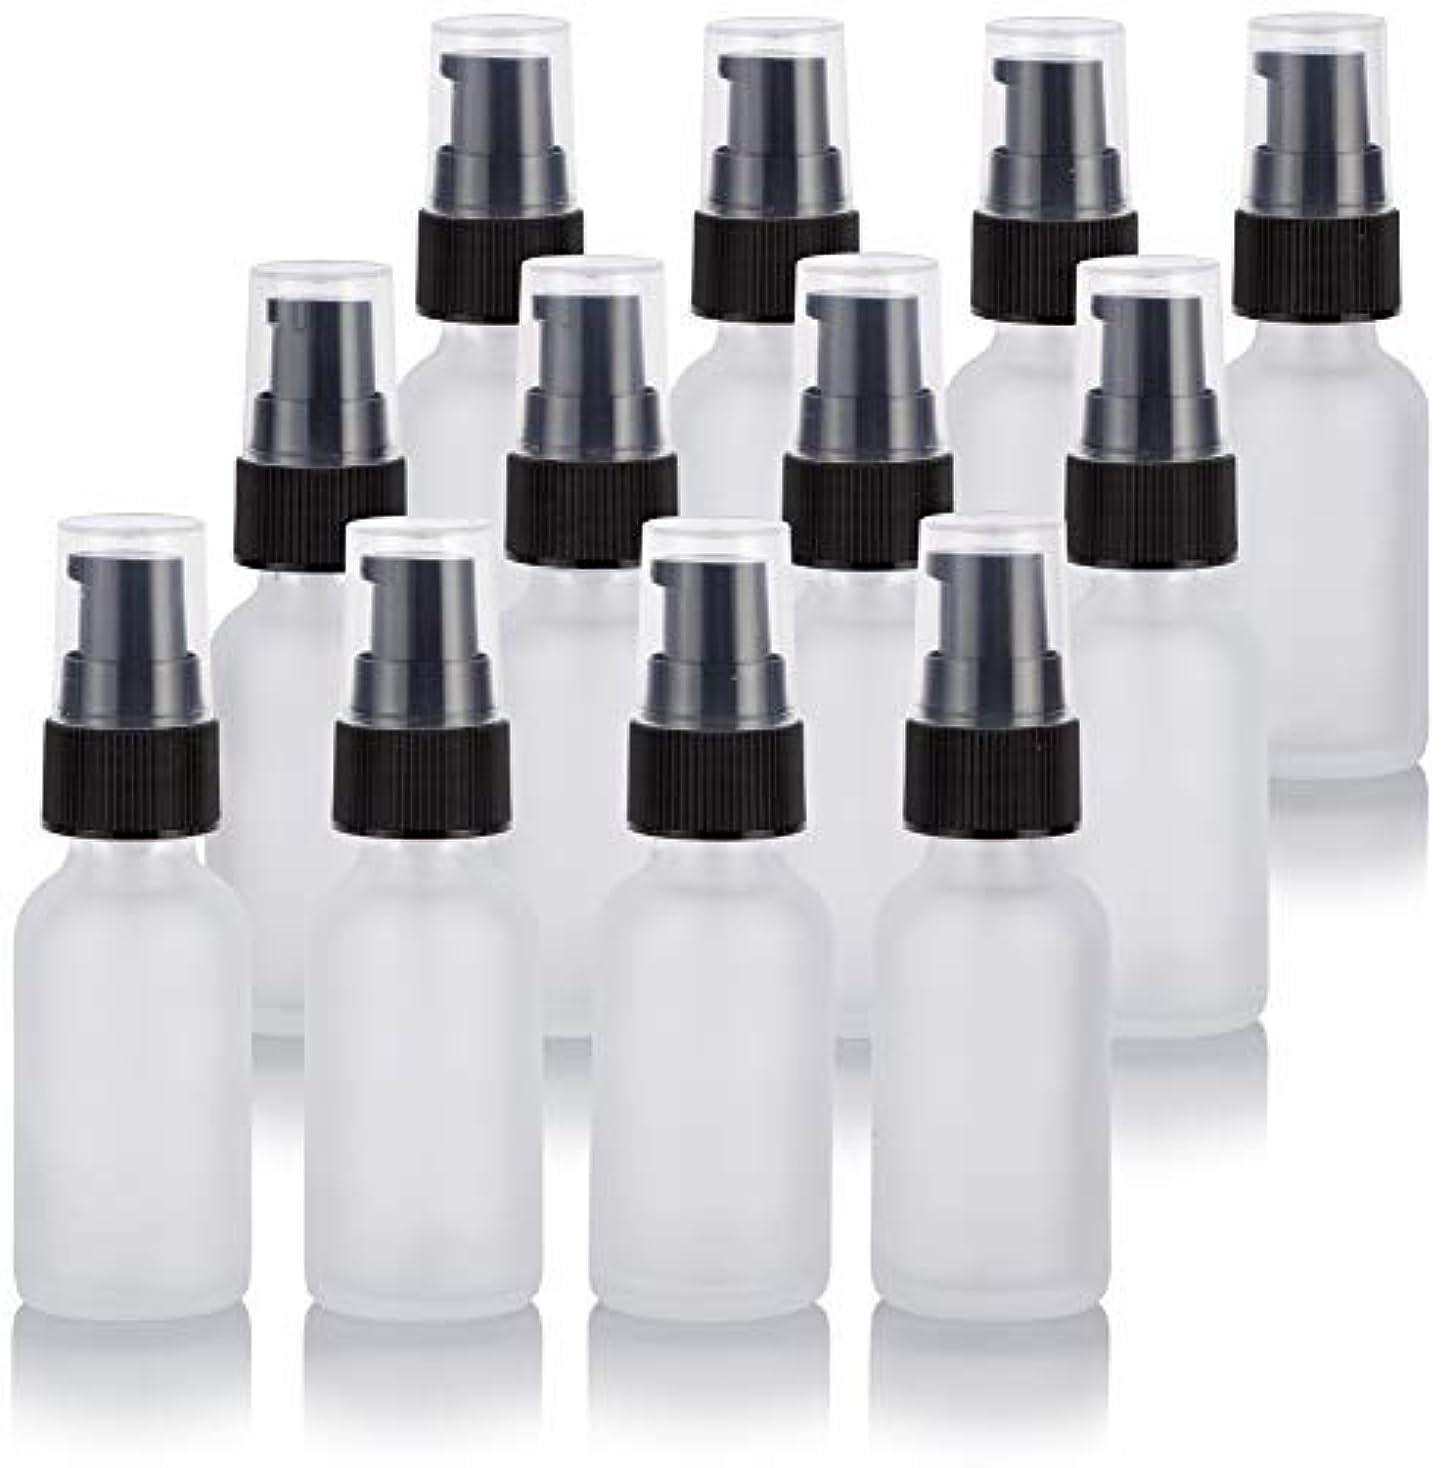 フィドルぴかぴかハロウィン1 oz Frosted Clear Glass Boston Round Treatment Pump Bottle (12 Pack) + Funnel for Cosmetics, serums, Essential...